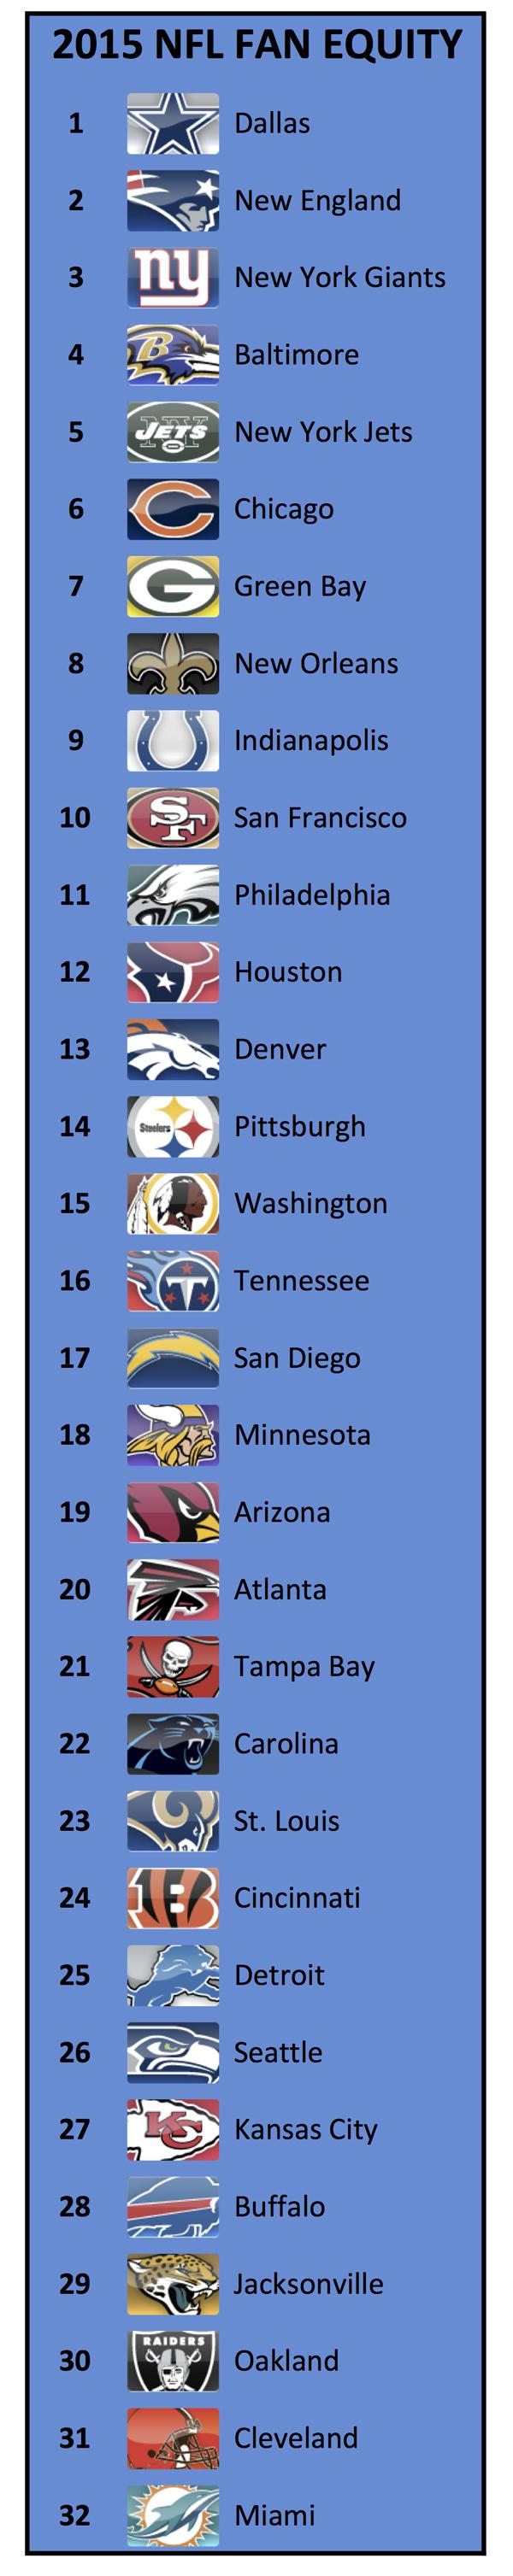 2015-NFL-FAN-EQUITY